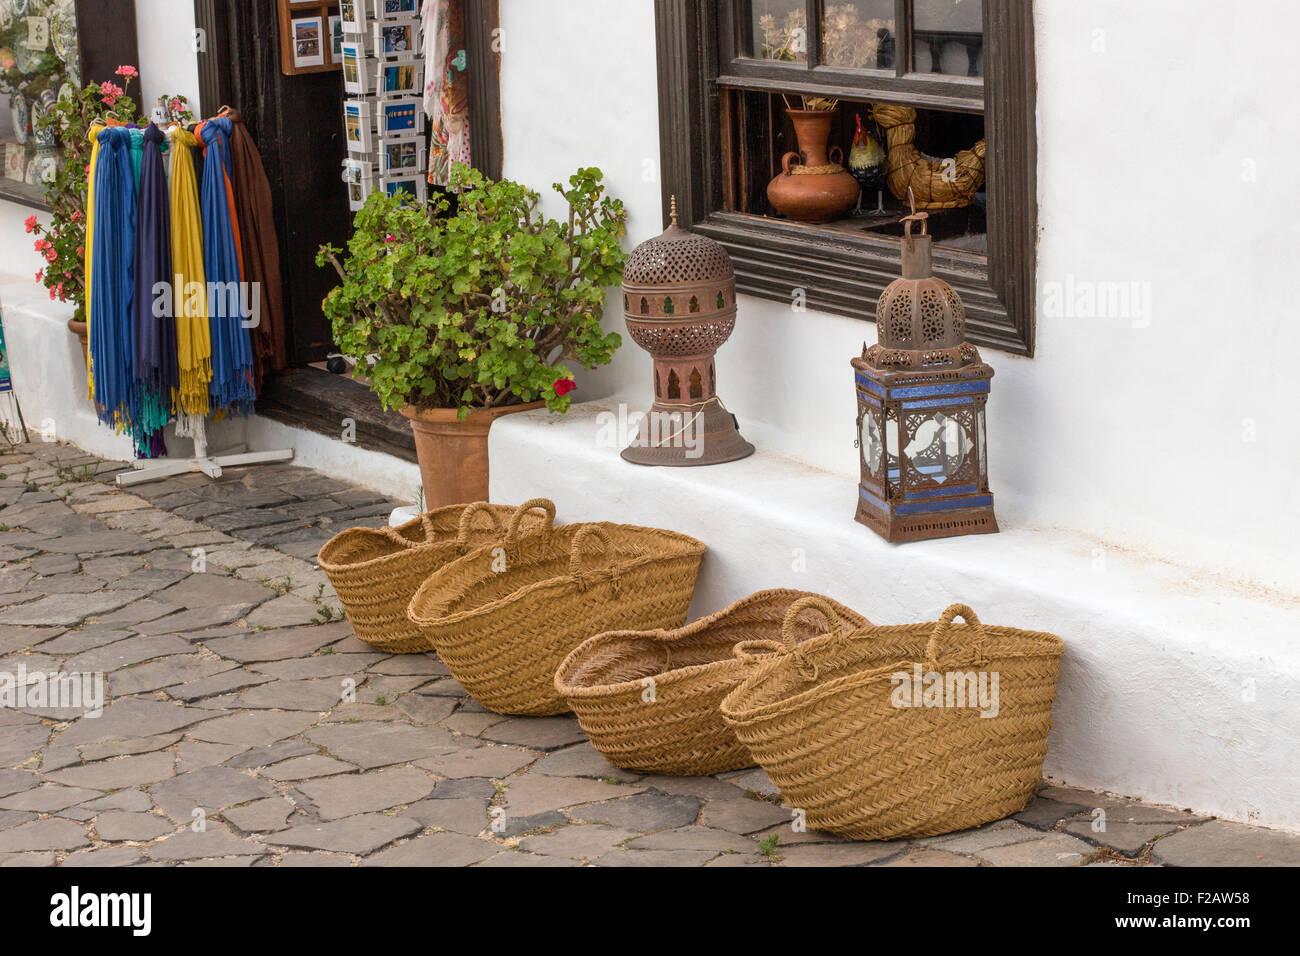 Tourist-Geschenkeladen Betancuria Fuerteventura, Kanarische Inseln, Spanien. Stockbild